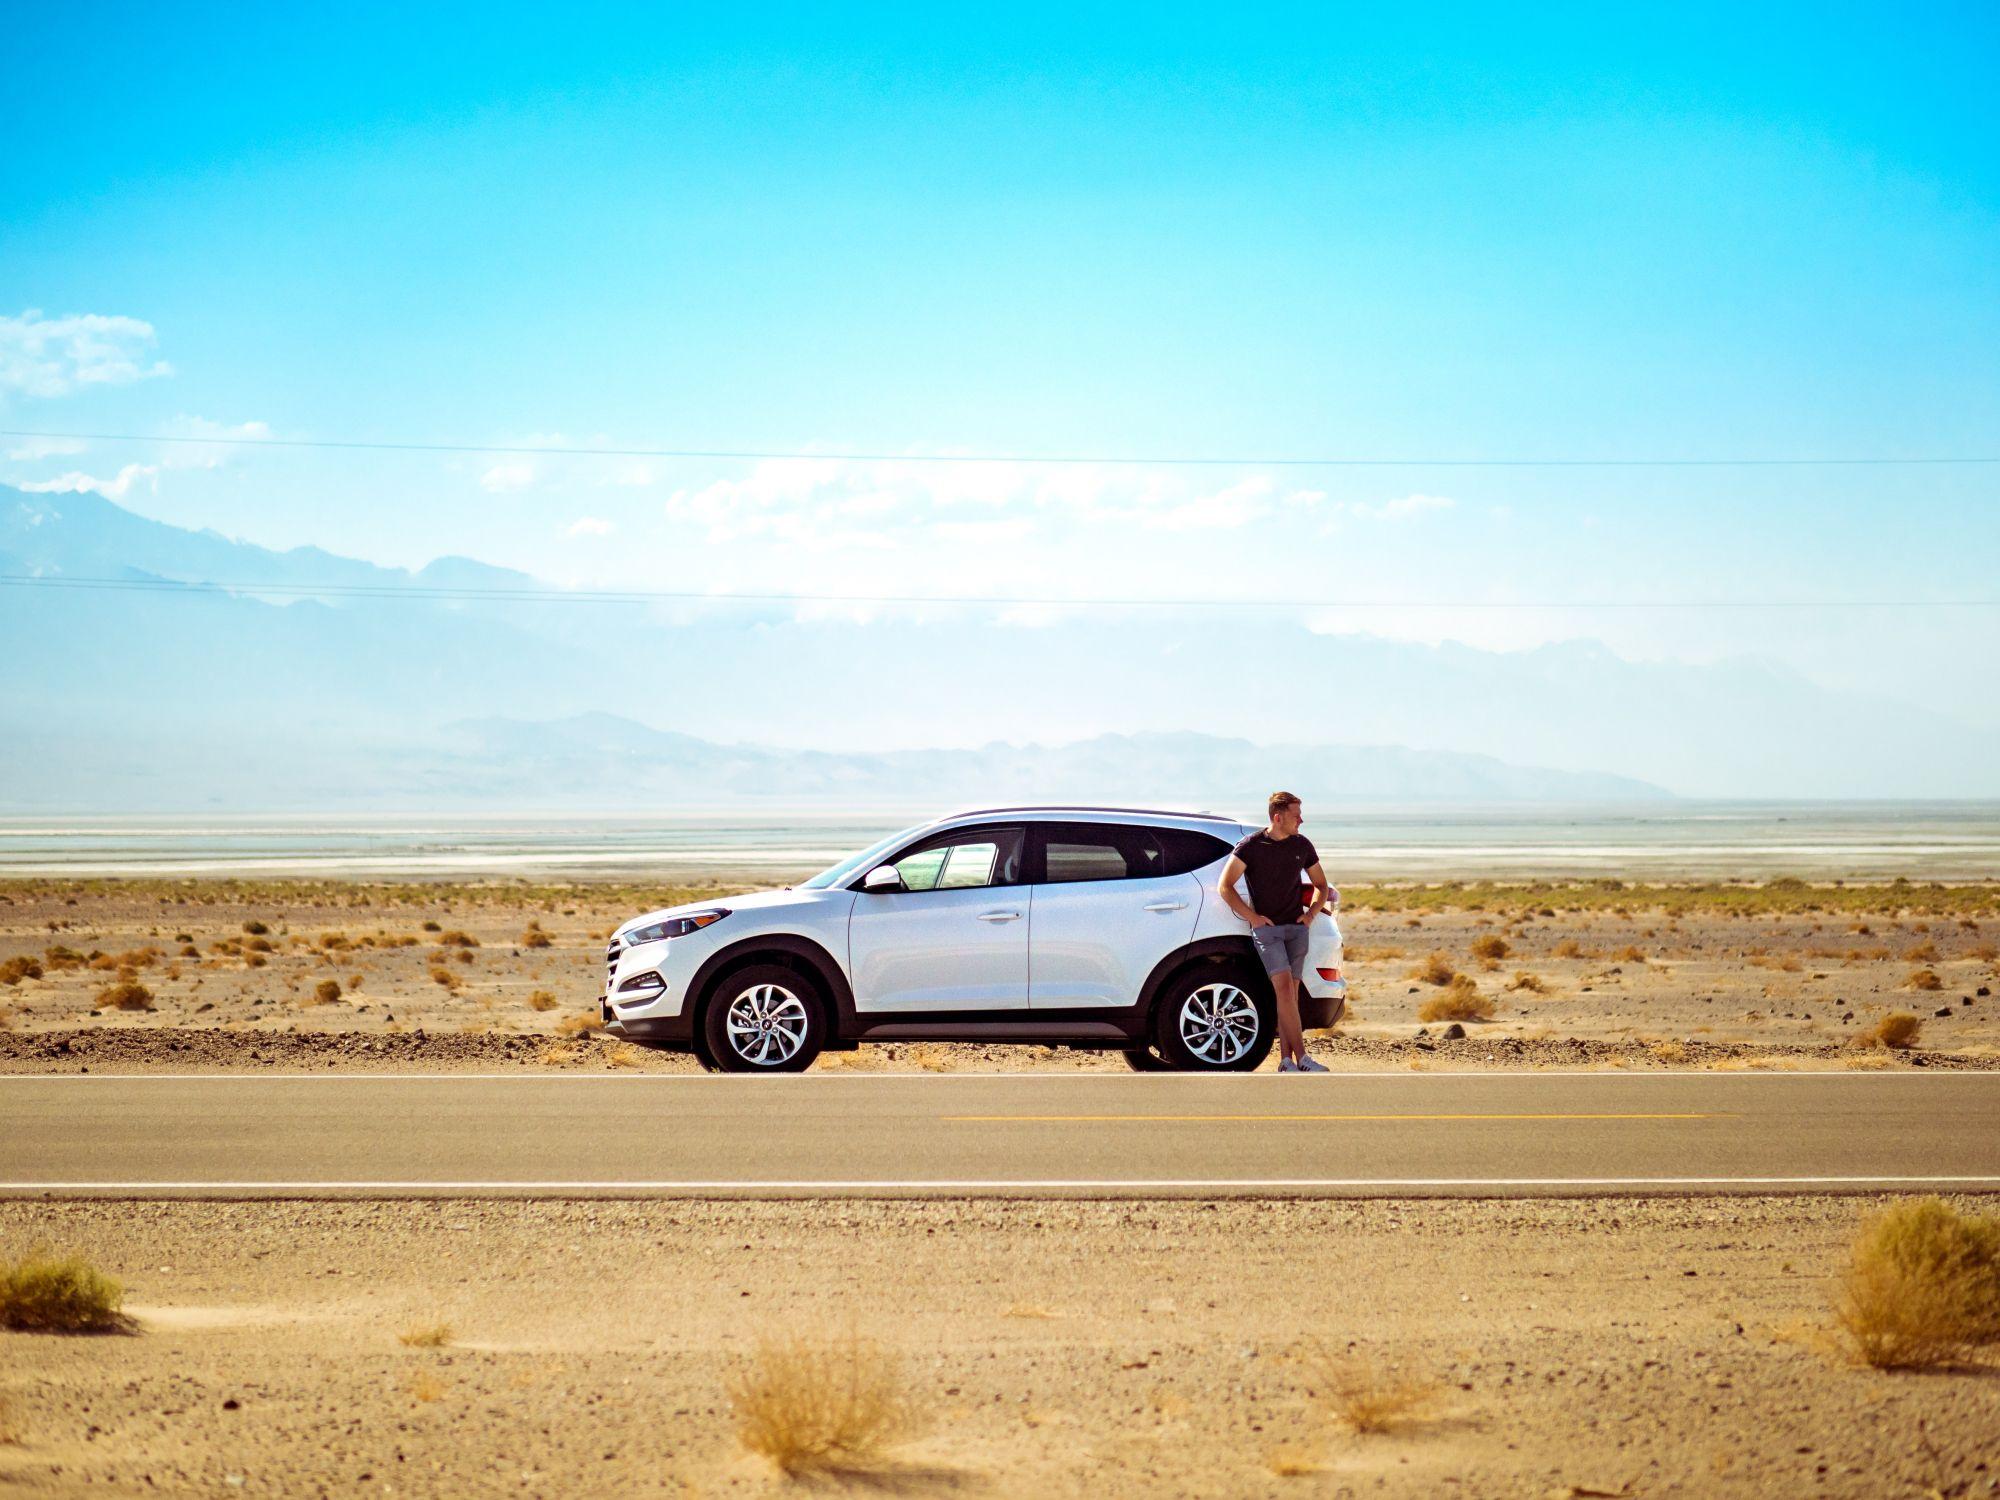 Leeftijdsdiscriminatie bij autoverzekeringen aangekaart